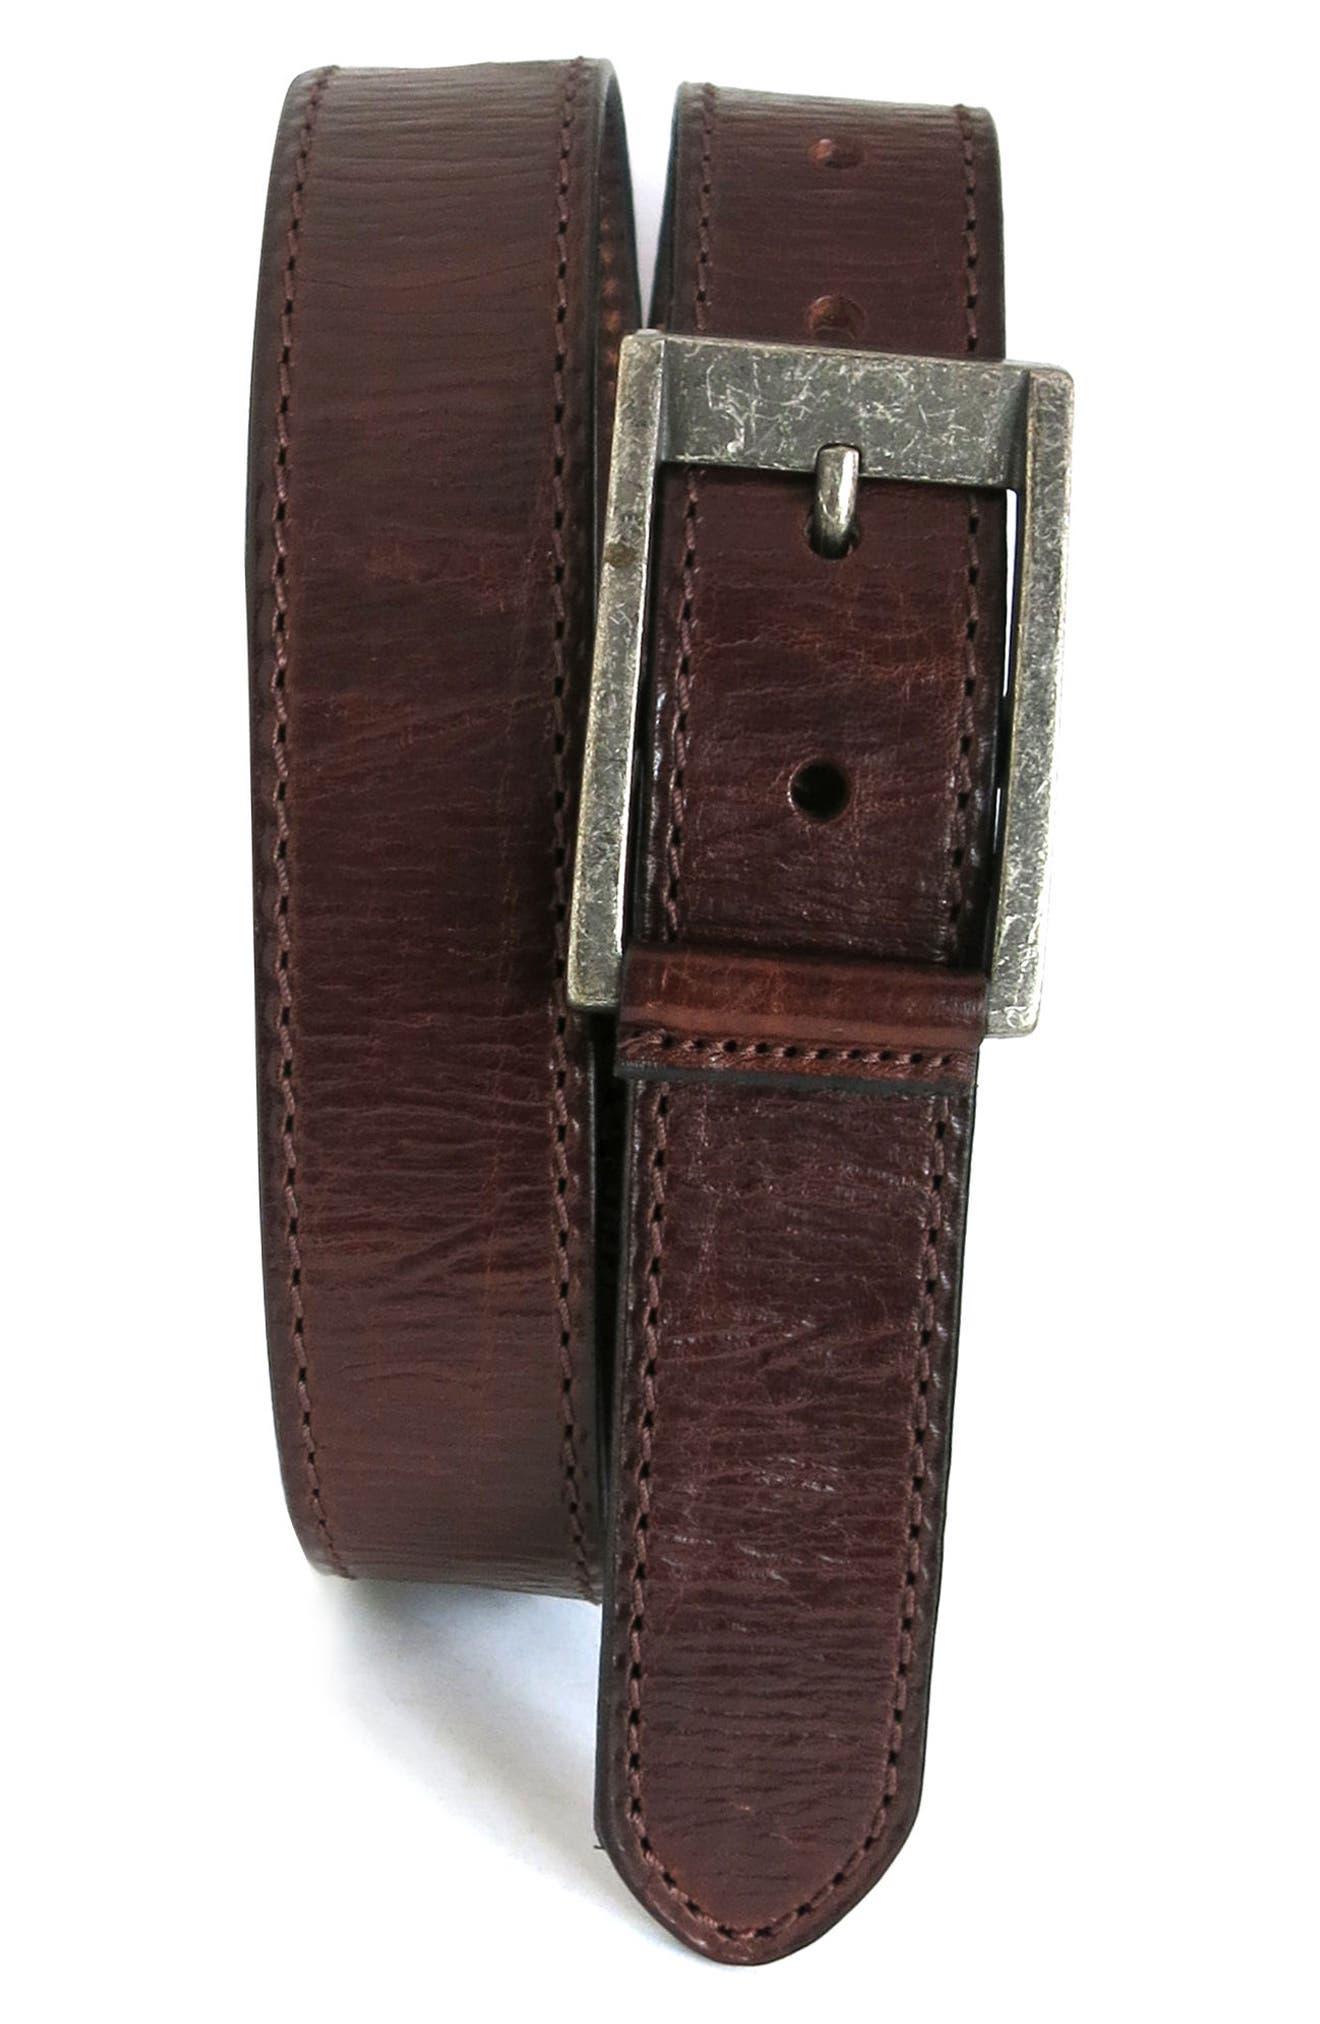 Burnished Calfskin Leather Belt,                             Main thumbnail 1, color,                             Chestnut